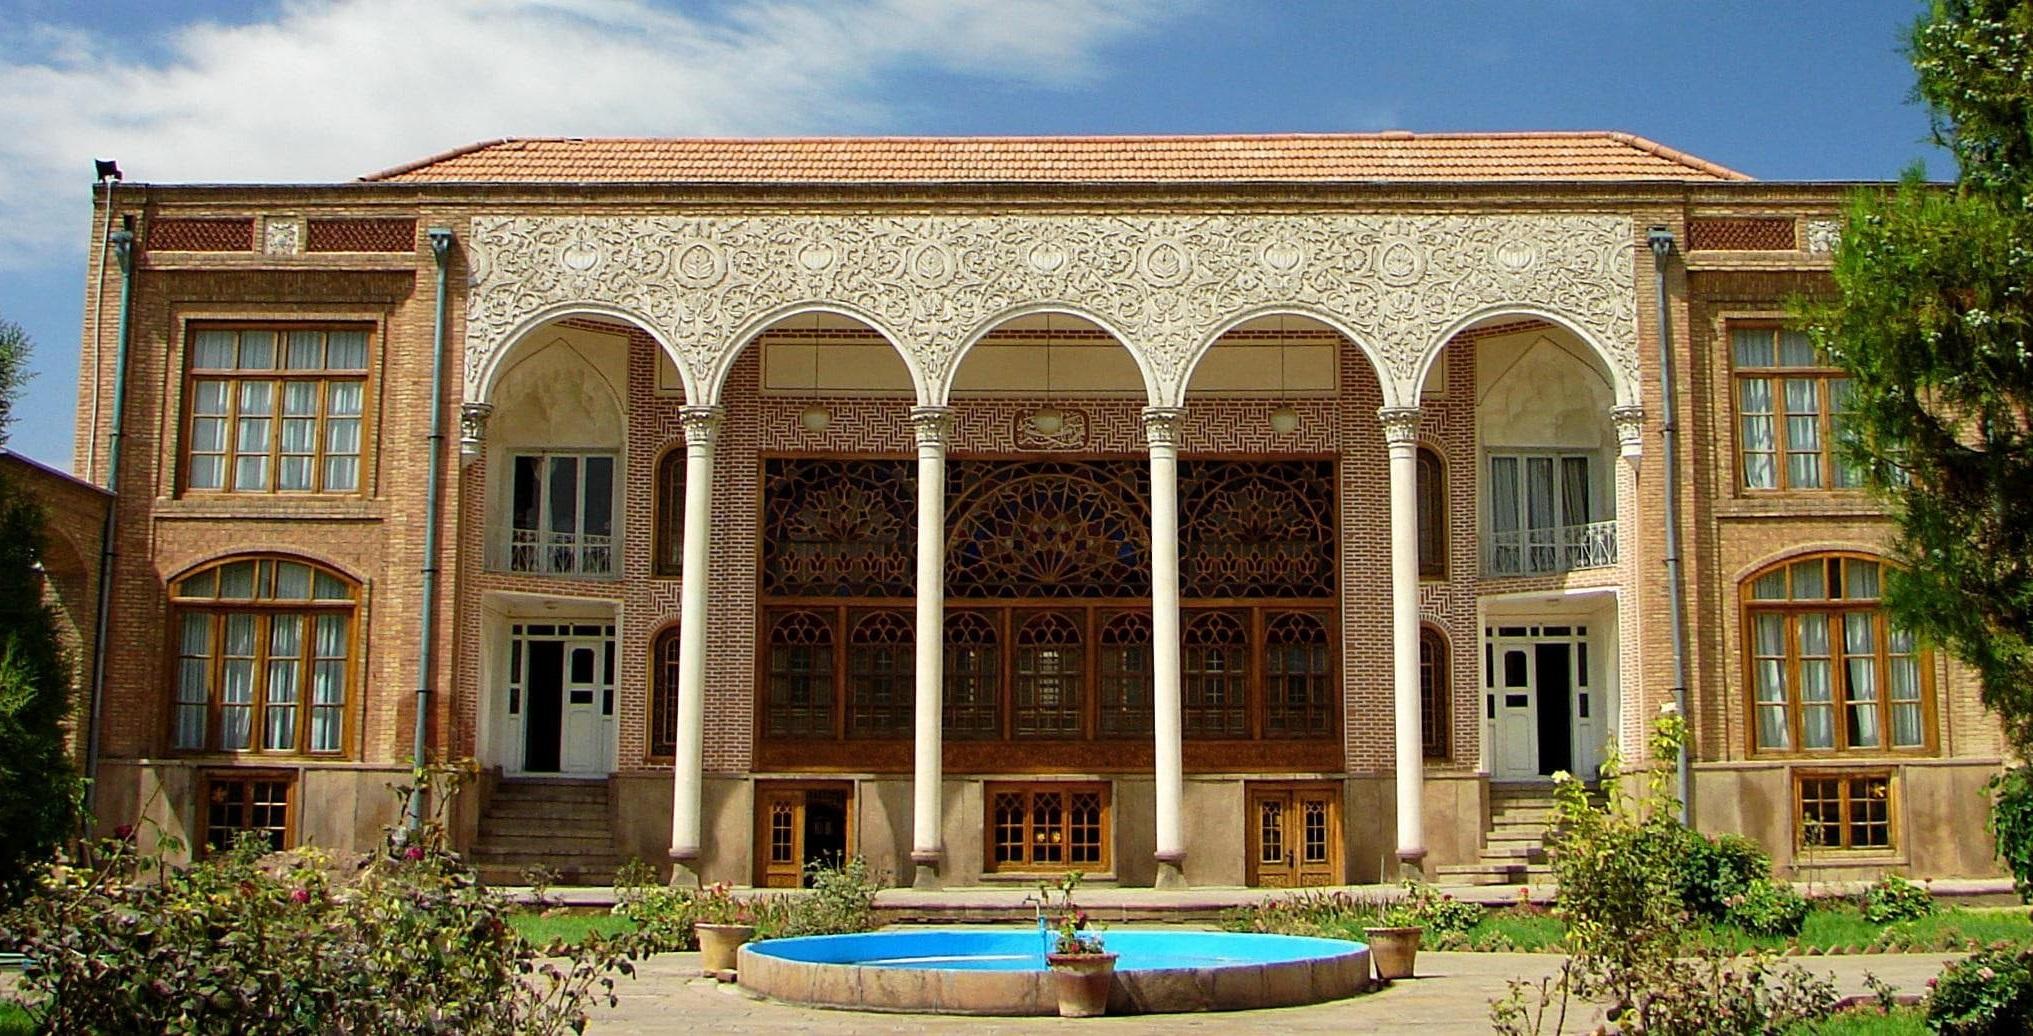 موزه و خانه ی مشروطه تبریز،جاذبه های گردشگری تبریز